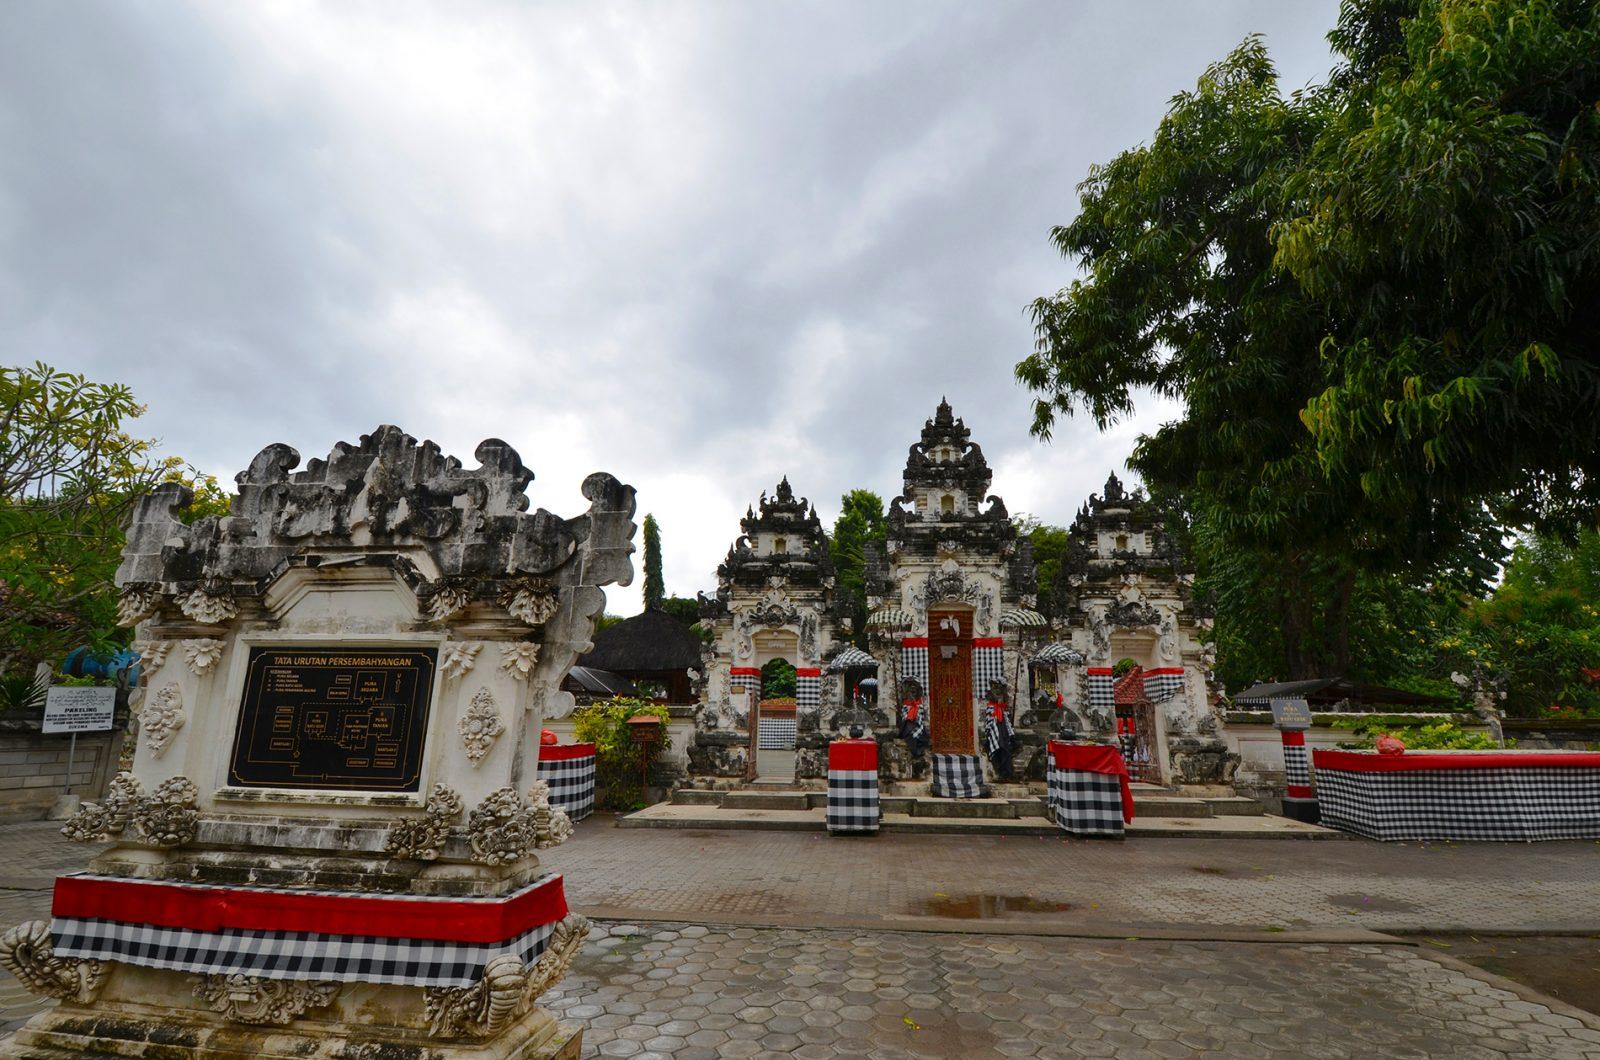 ダラムペット寺院